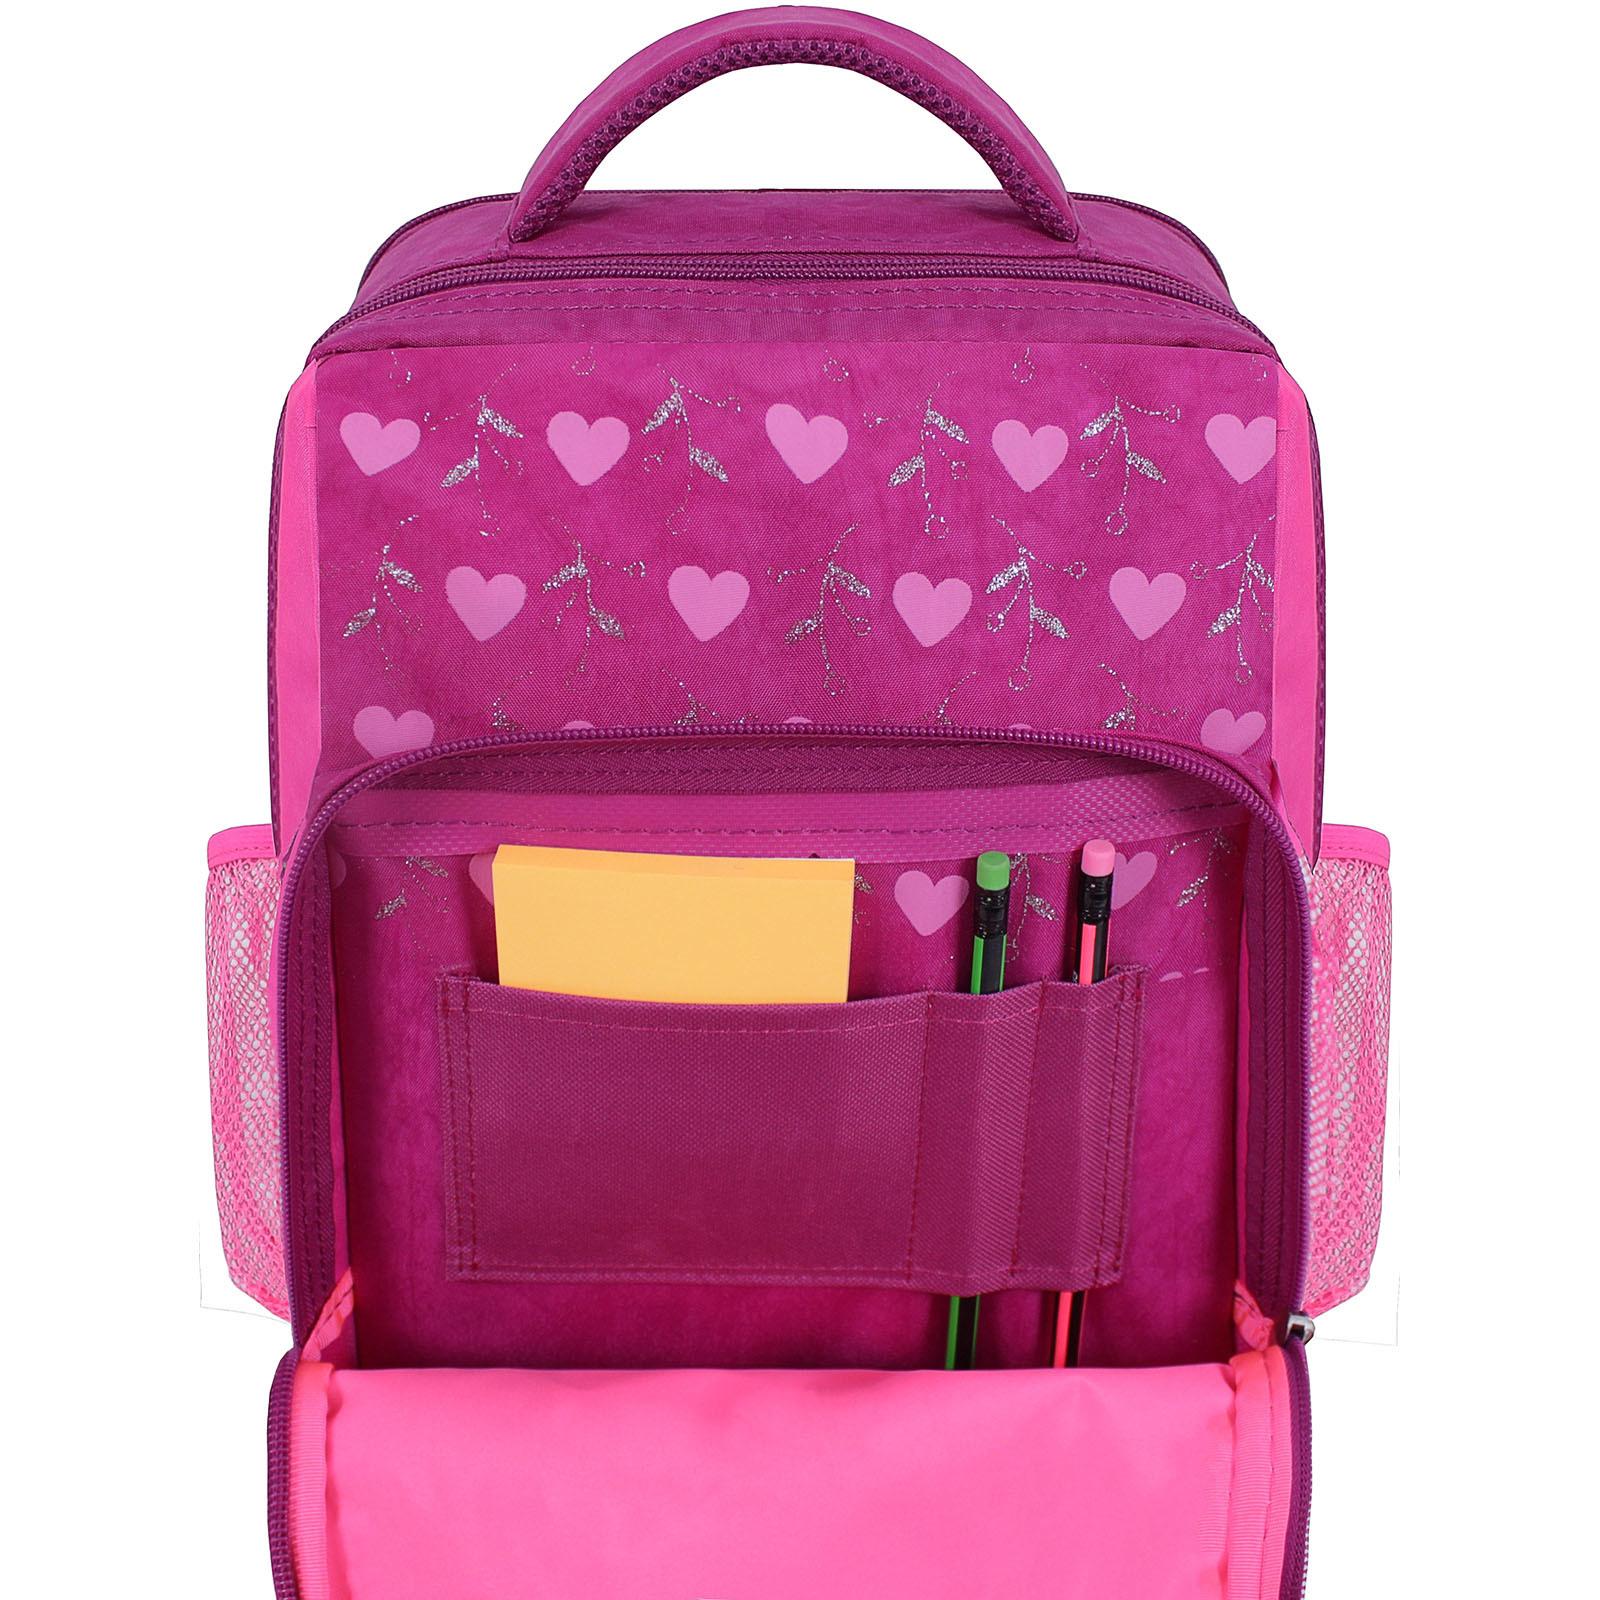 Рюкзак школьный Bagland Школьник 8 л. 143 малиновый 515 (0012870) фото 4